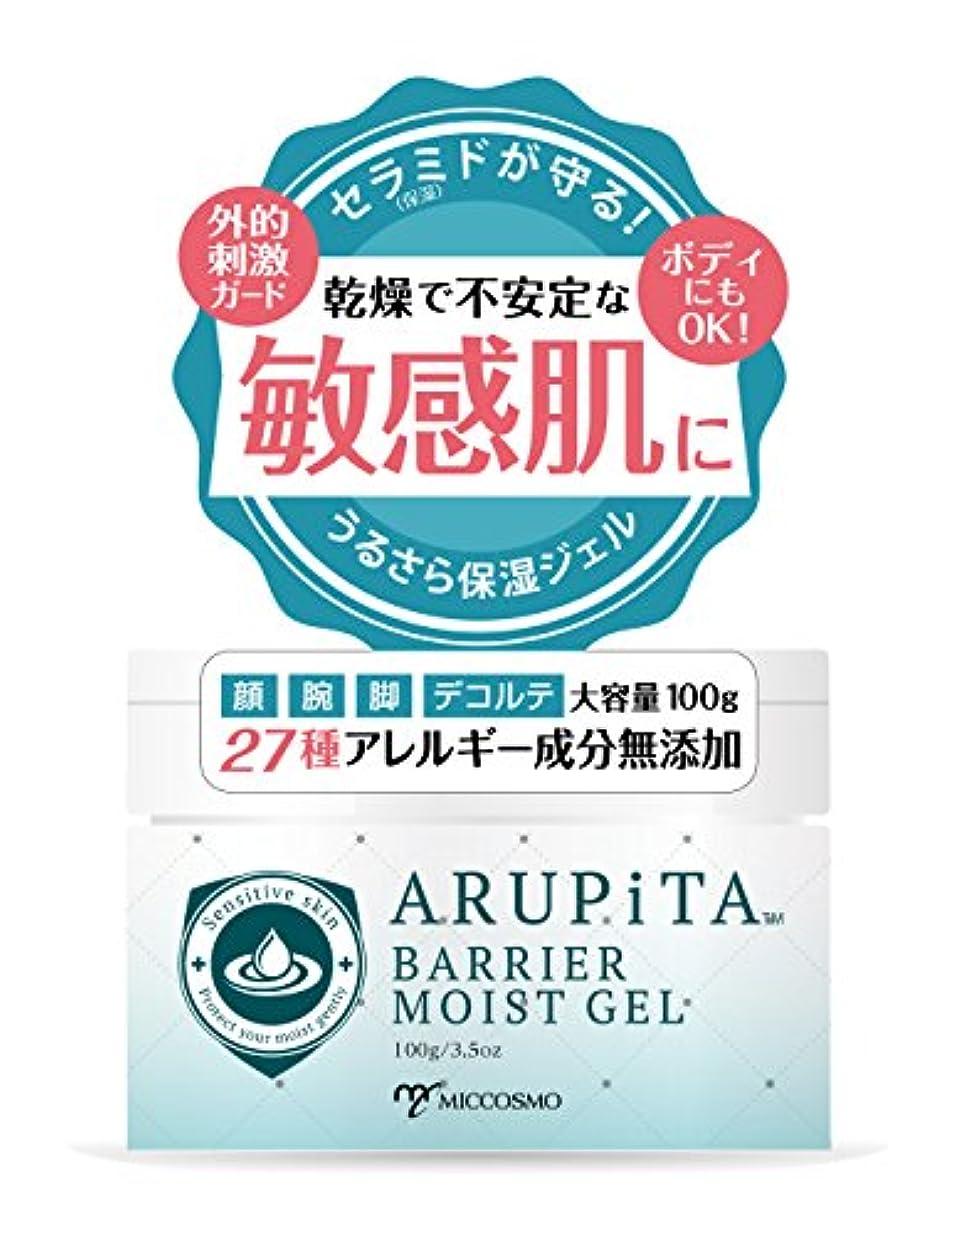 満足させる亜熱帯レースアルピタ バリアモイストジェル 100g